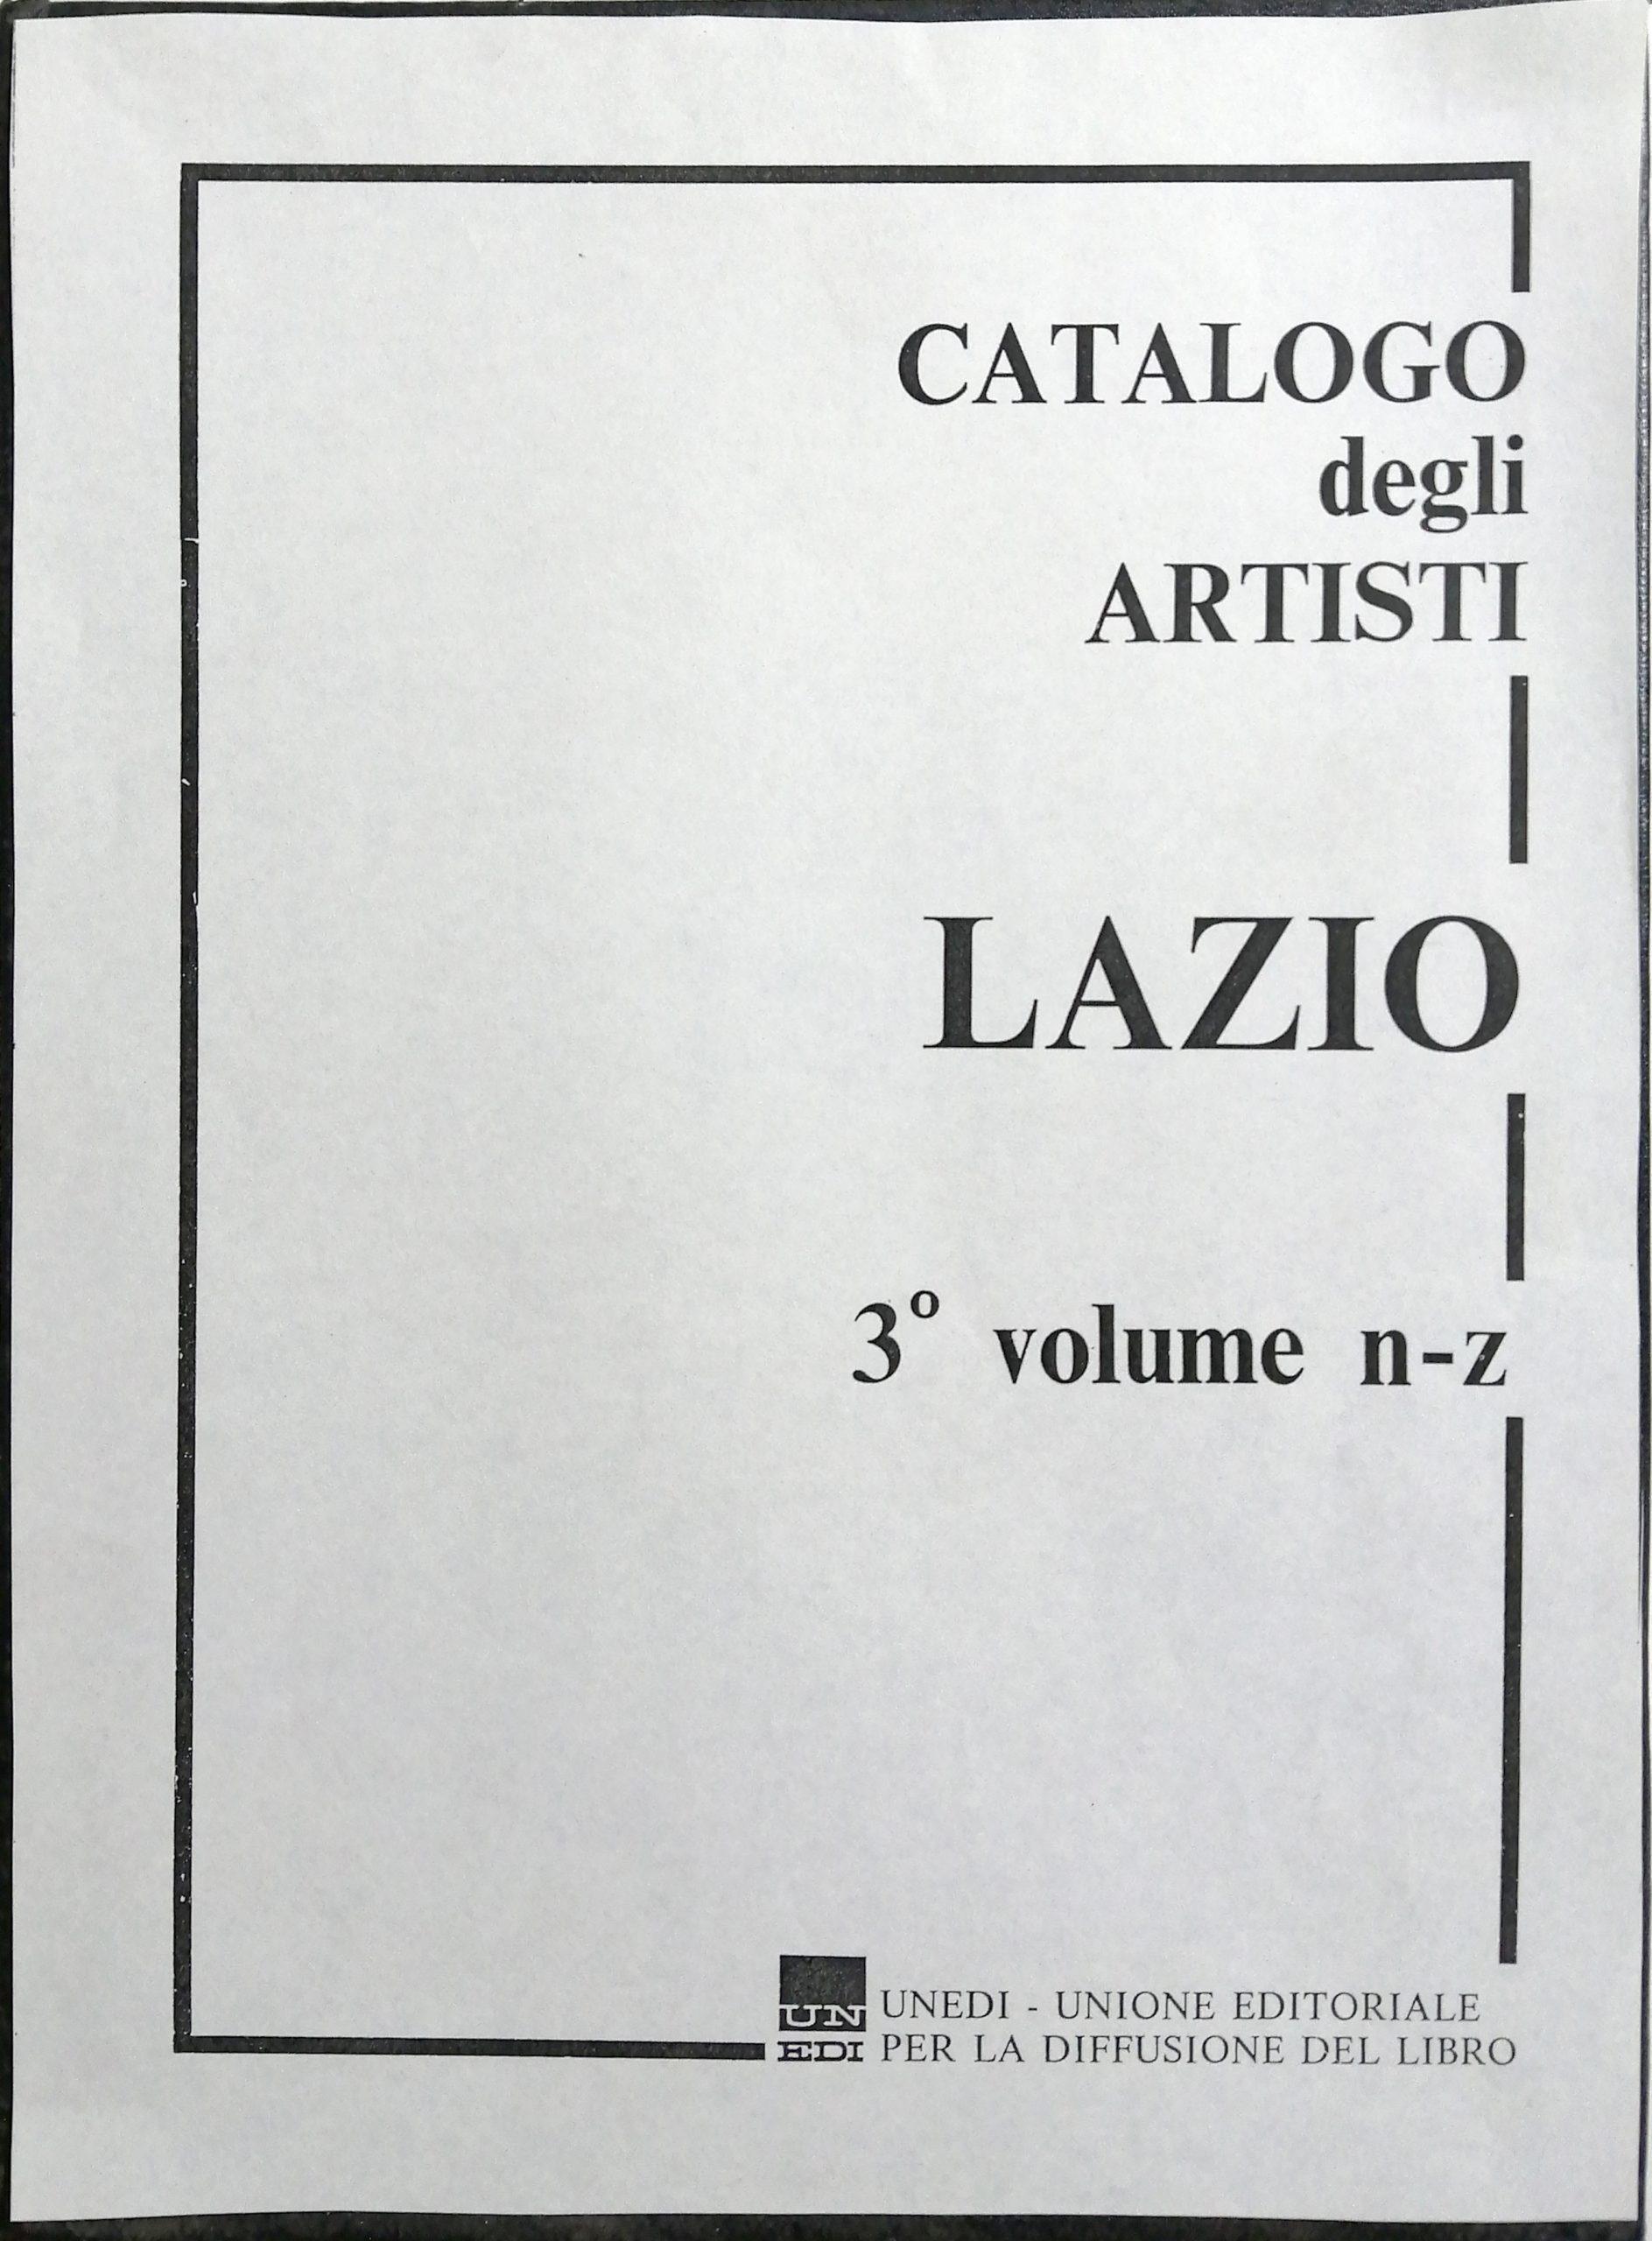 1971 Catalogo degli artisti del Lazio UNEDI scaled - Bibliography/ Catalogues